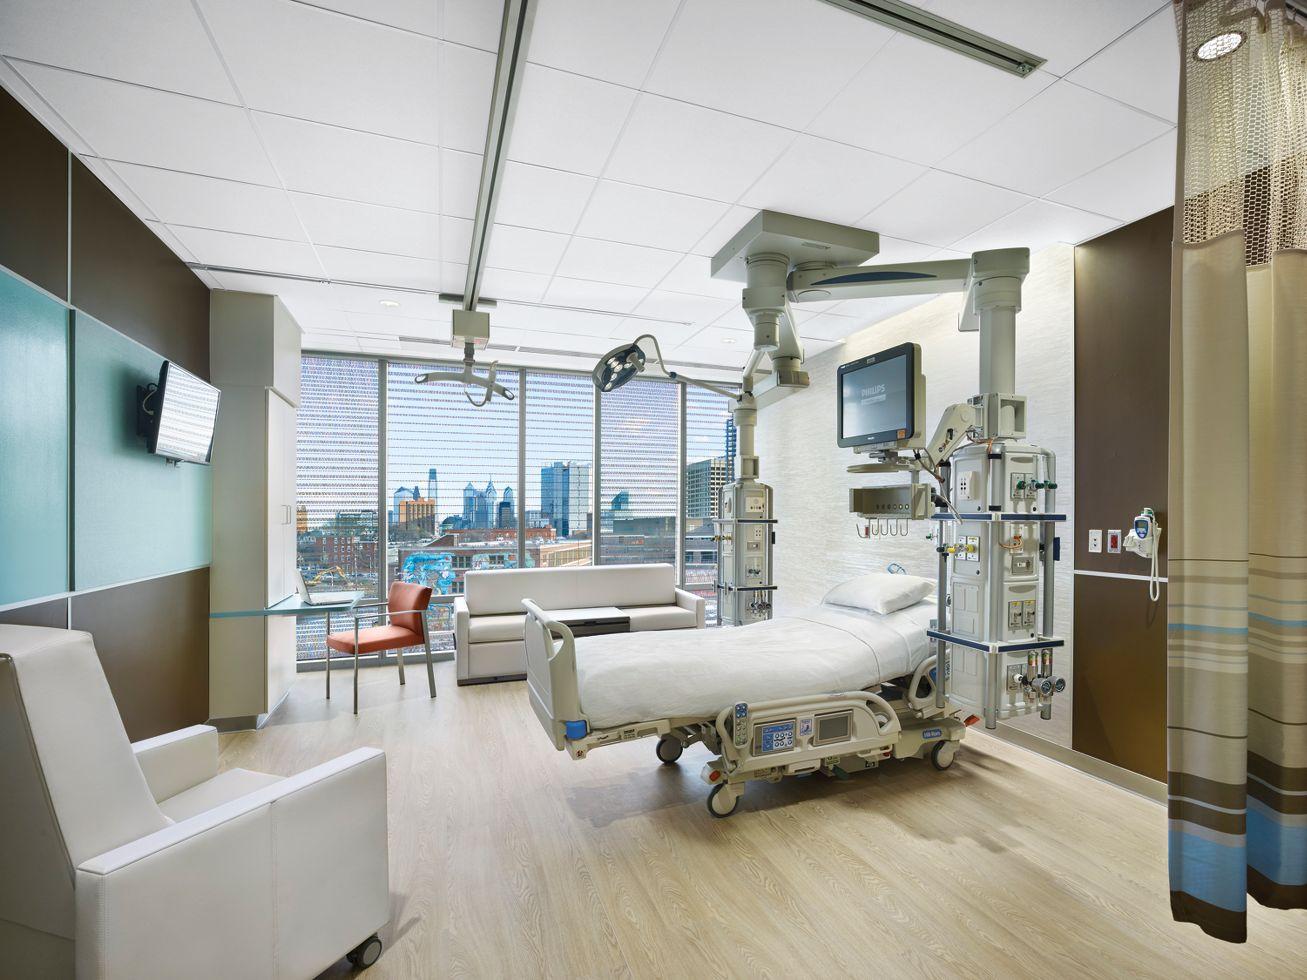 Presbyterian Hospital Philadelphia Emergency Room